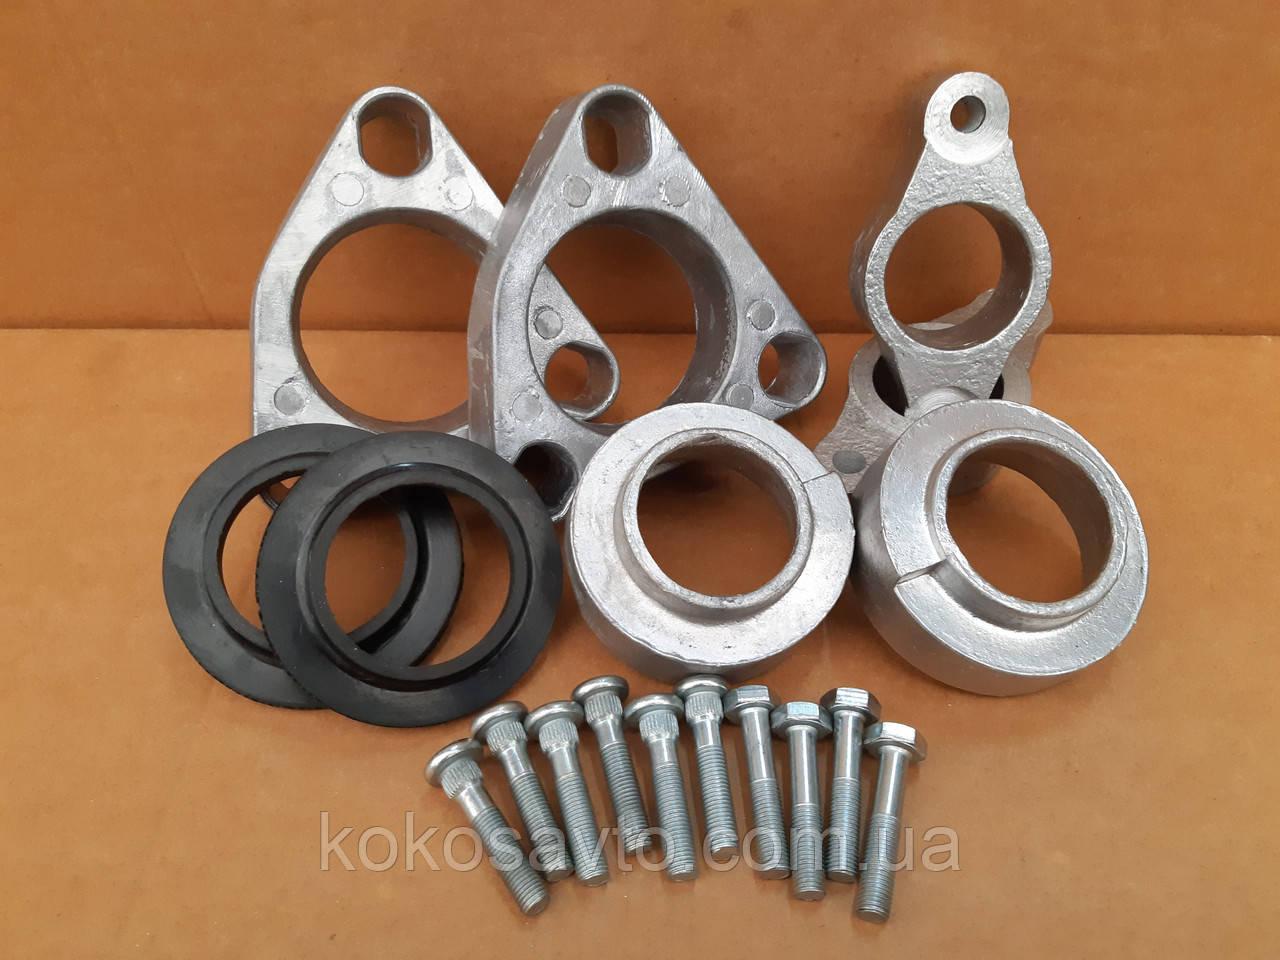 Проставки Киа Сид Kia Ceed для увеличения клиренса комплект зад и перед высота 20-30мм материал алюминий